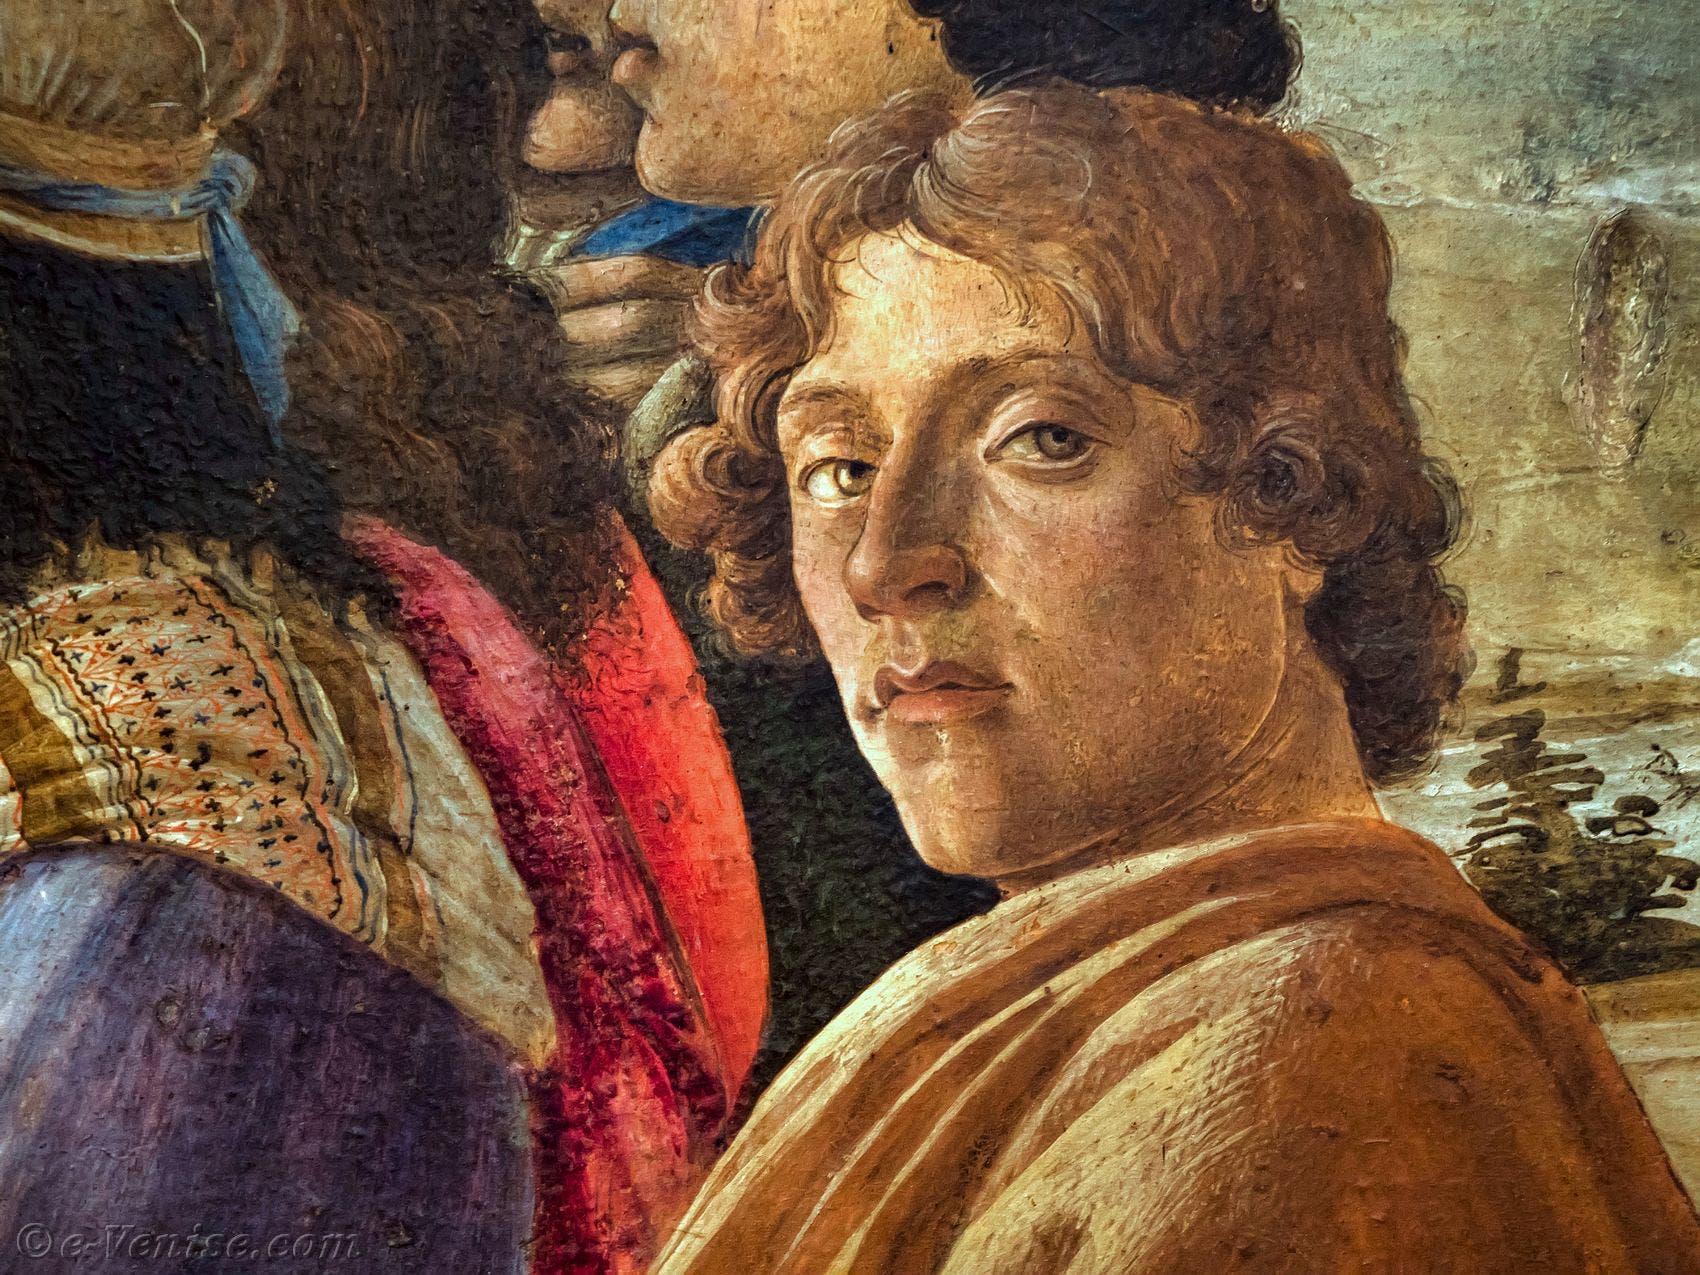 لوحة تجسد الرسام ساندرو بوتيتشيلي